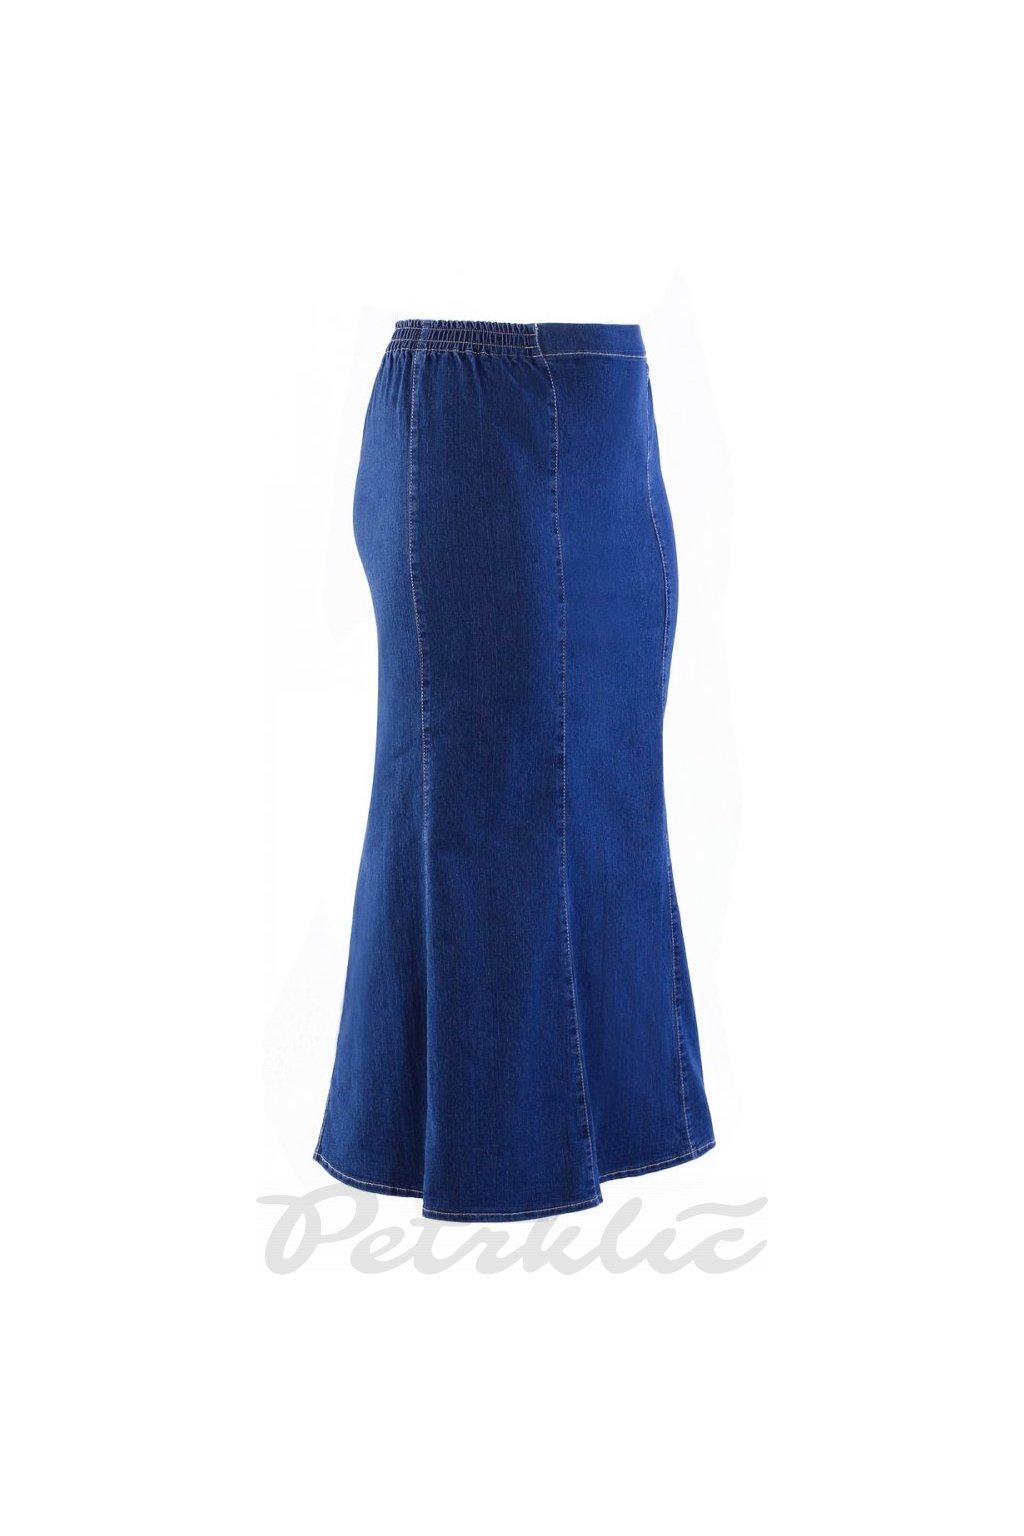 DELRI - riflová sukně, 3 délky